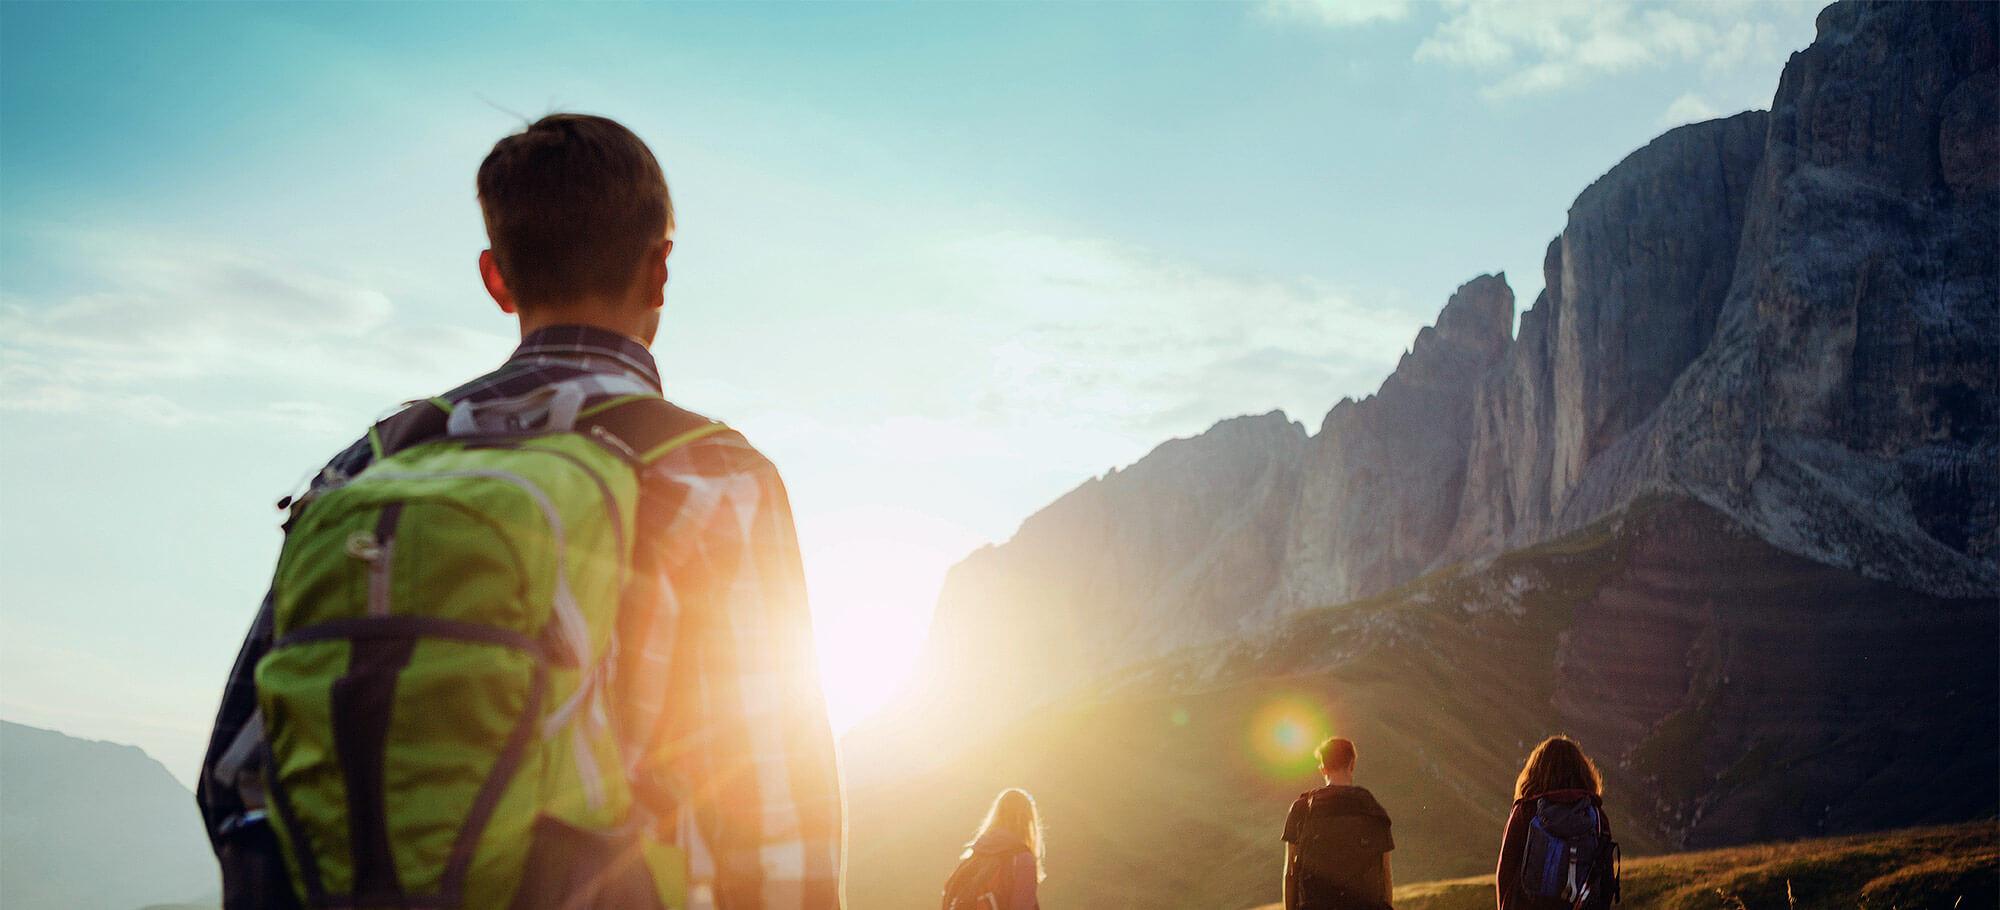 Höhenwege in den Alpen: Wanderer in den Dolomiten